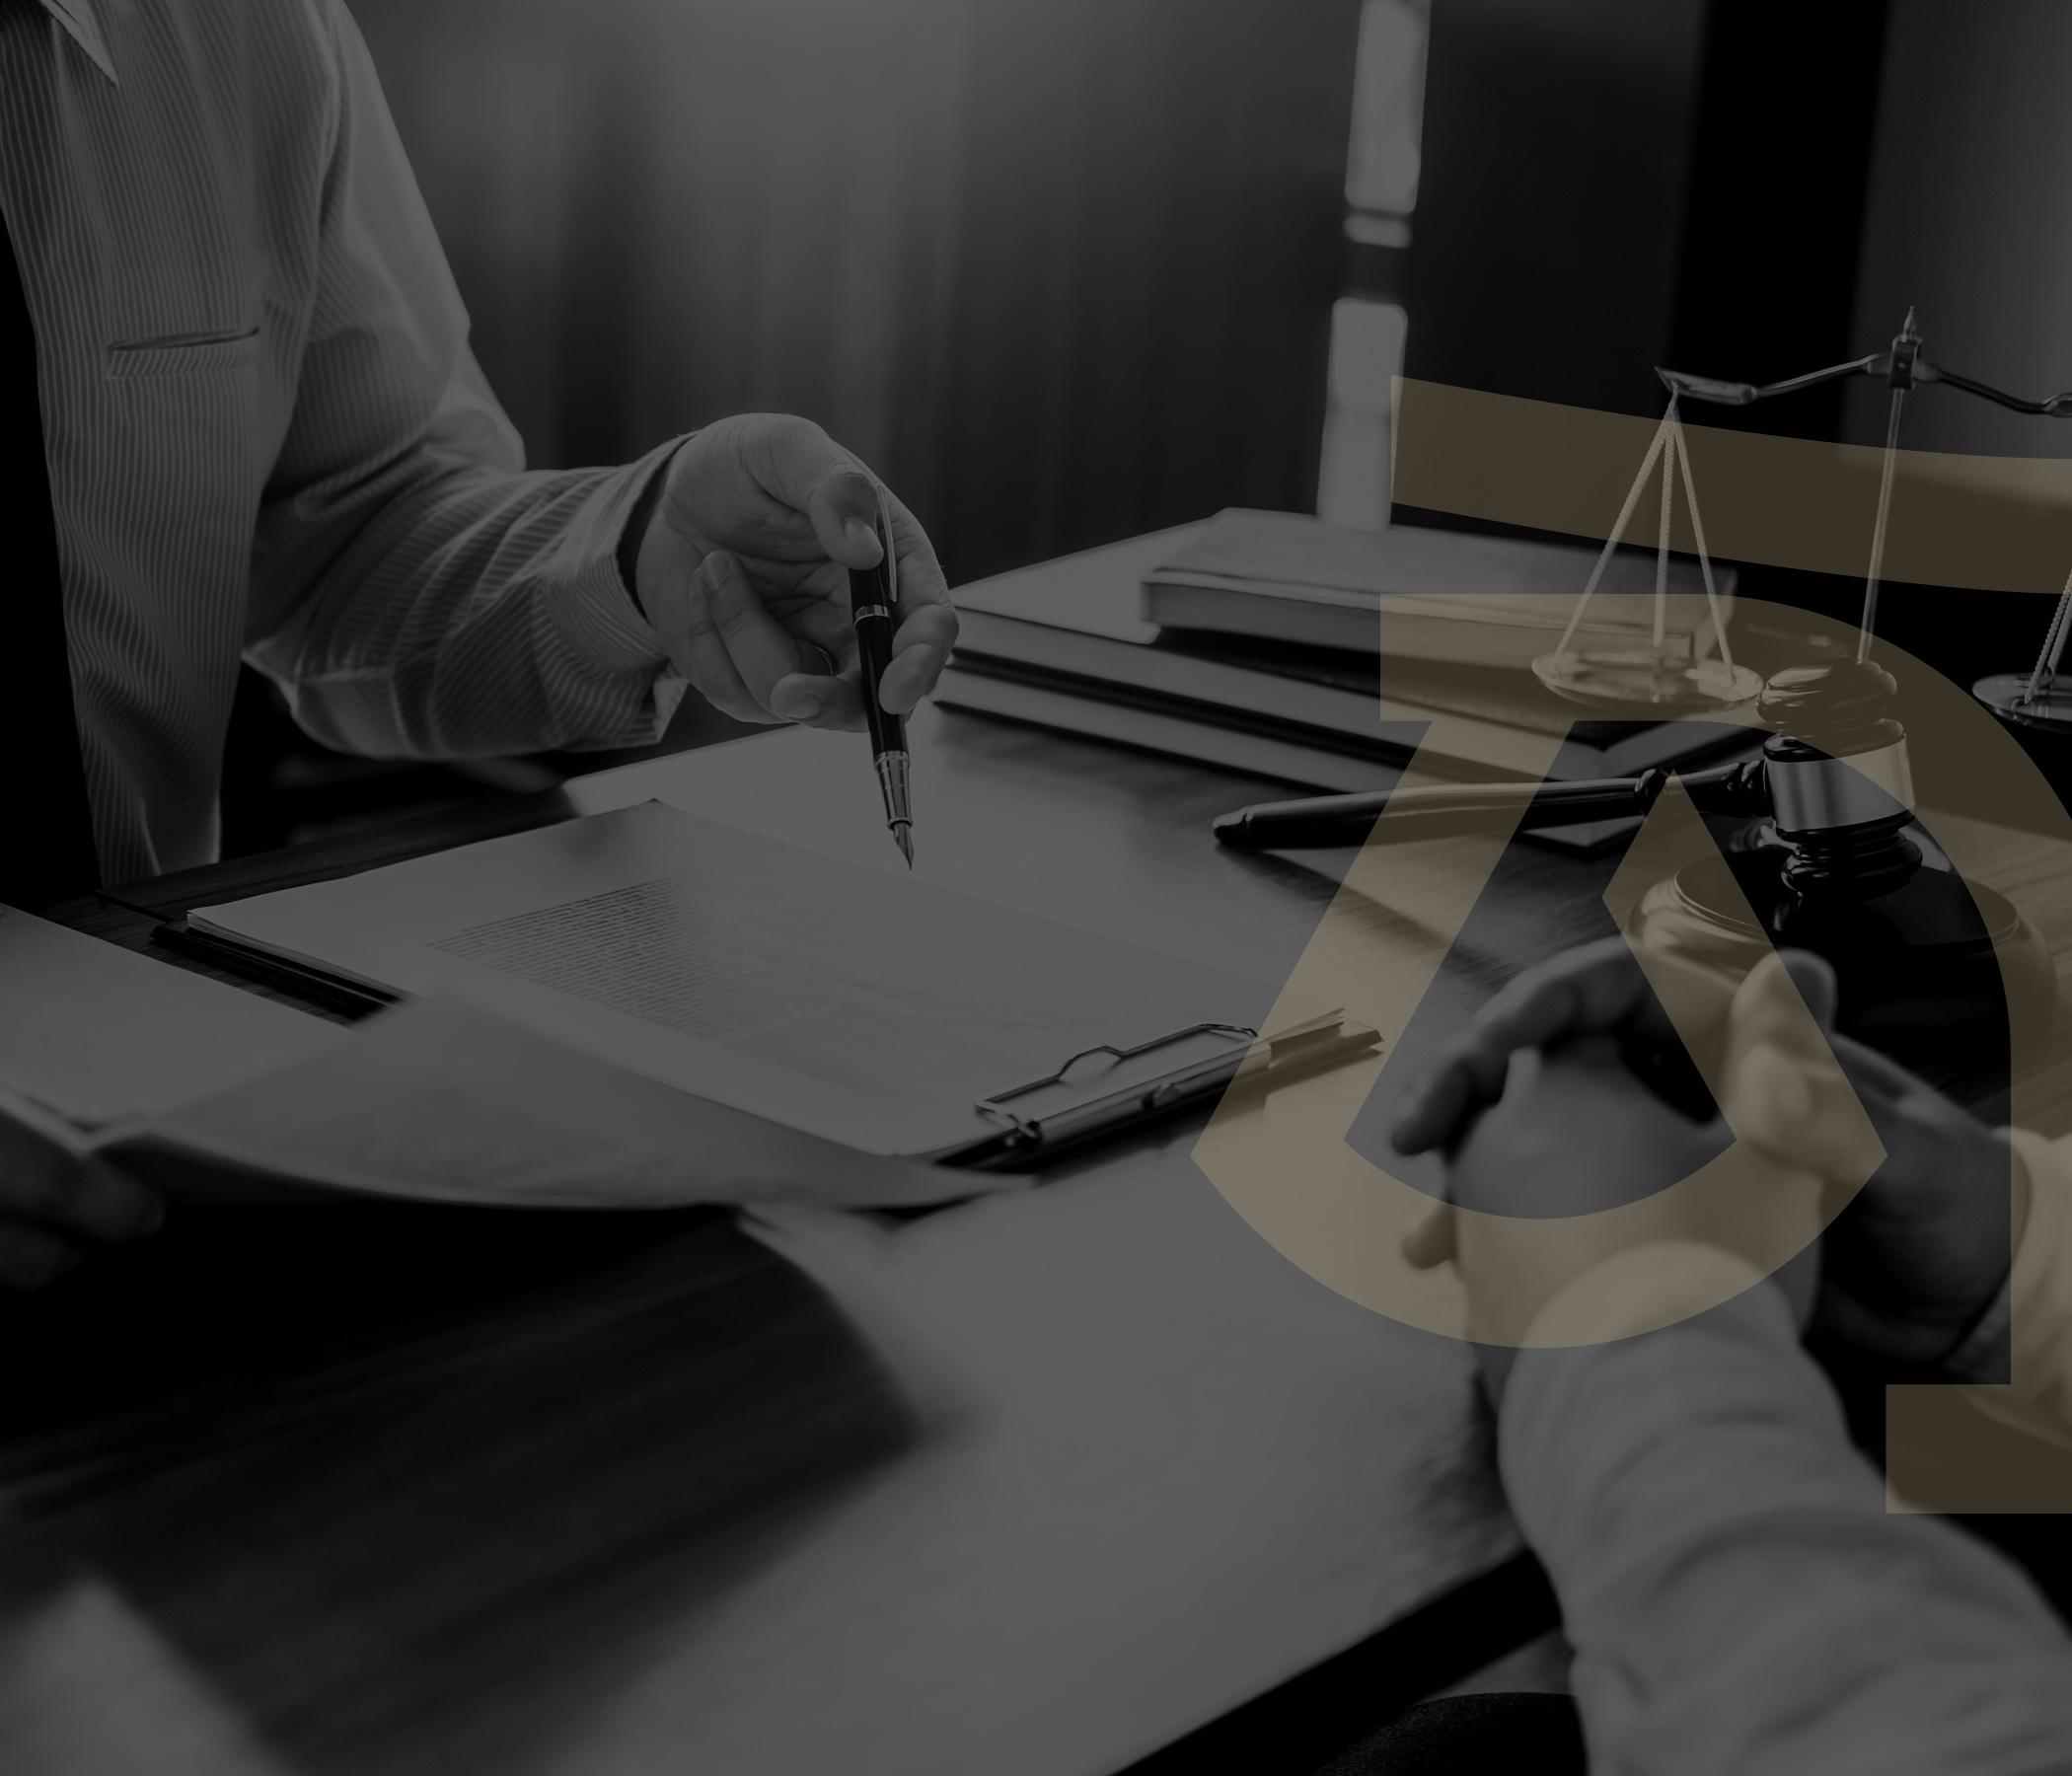 Büromuzu farklı kılan en önemli özelliklerden bir tanesi, ekibimizin hem klasik avukatlık hizmetleri (dava ve tahkim süreçleri), hem de proje bazlı hukuki danışmanlık alanlarında eşit seviyede uzmanlaşmış olmasıdır.